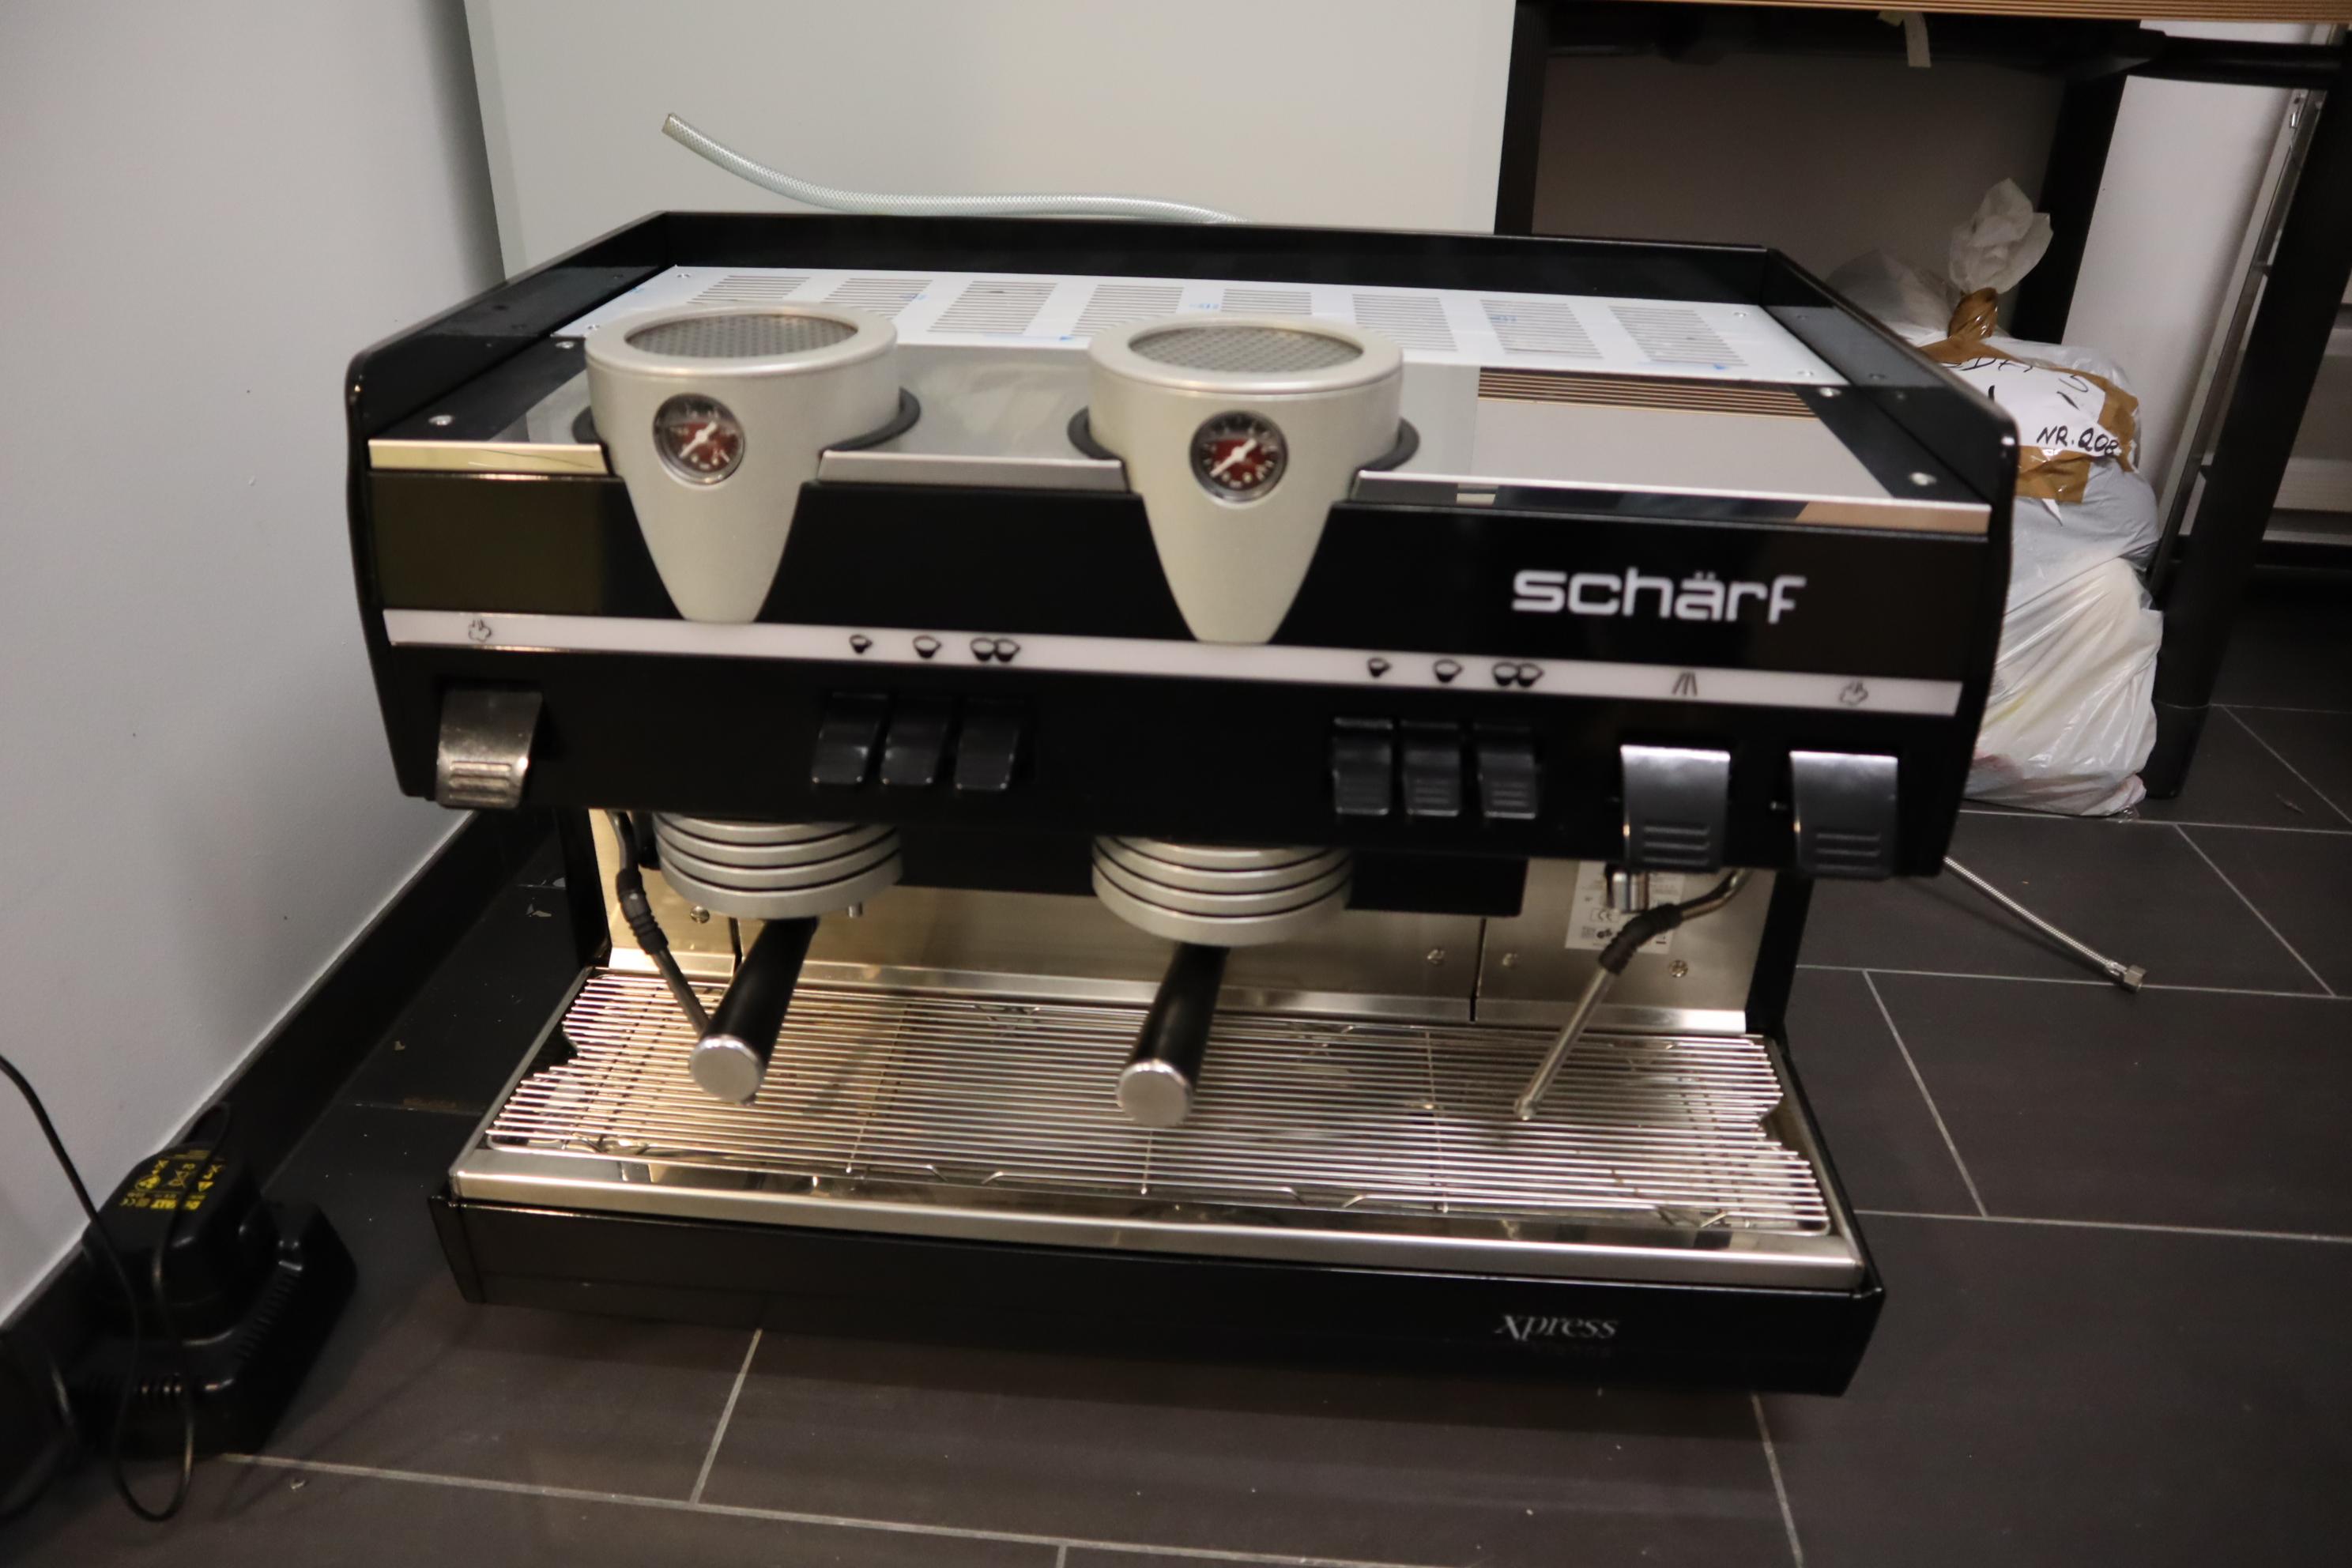 Kaffeemaschinen-Set Schärf Xpress Vienna-2